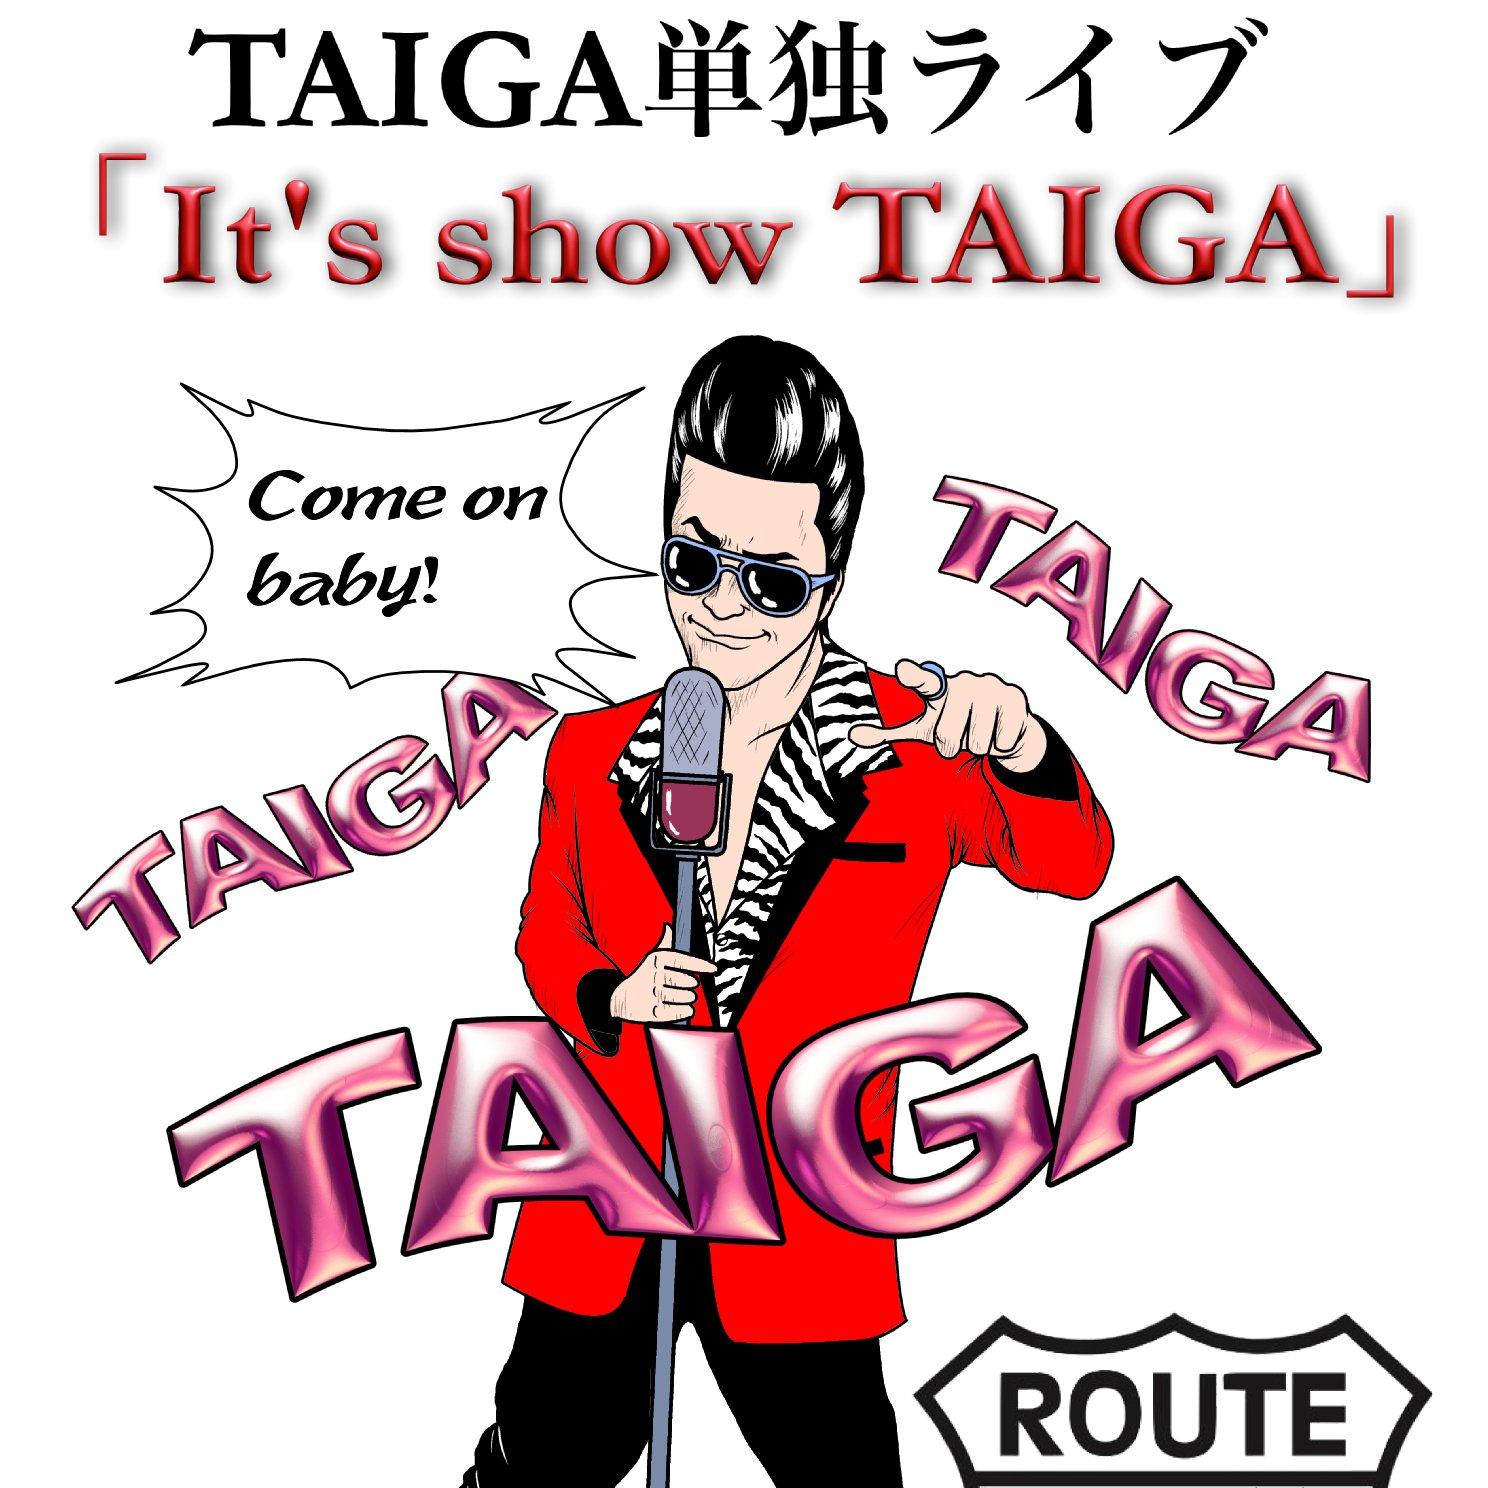 ★満員御礼★TAIGA(タイガ)単独ライブ!「It's show TAIGA 」11月16日公演のウェブチケットは完売いたしました。のイメージその1